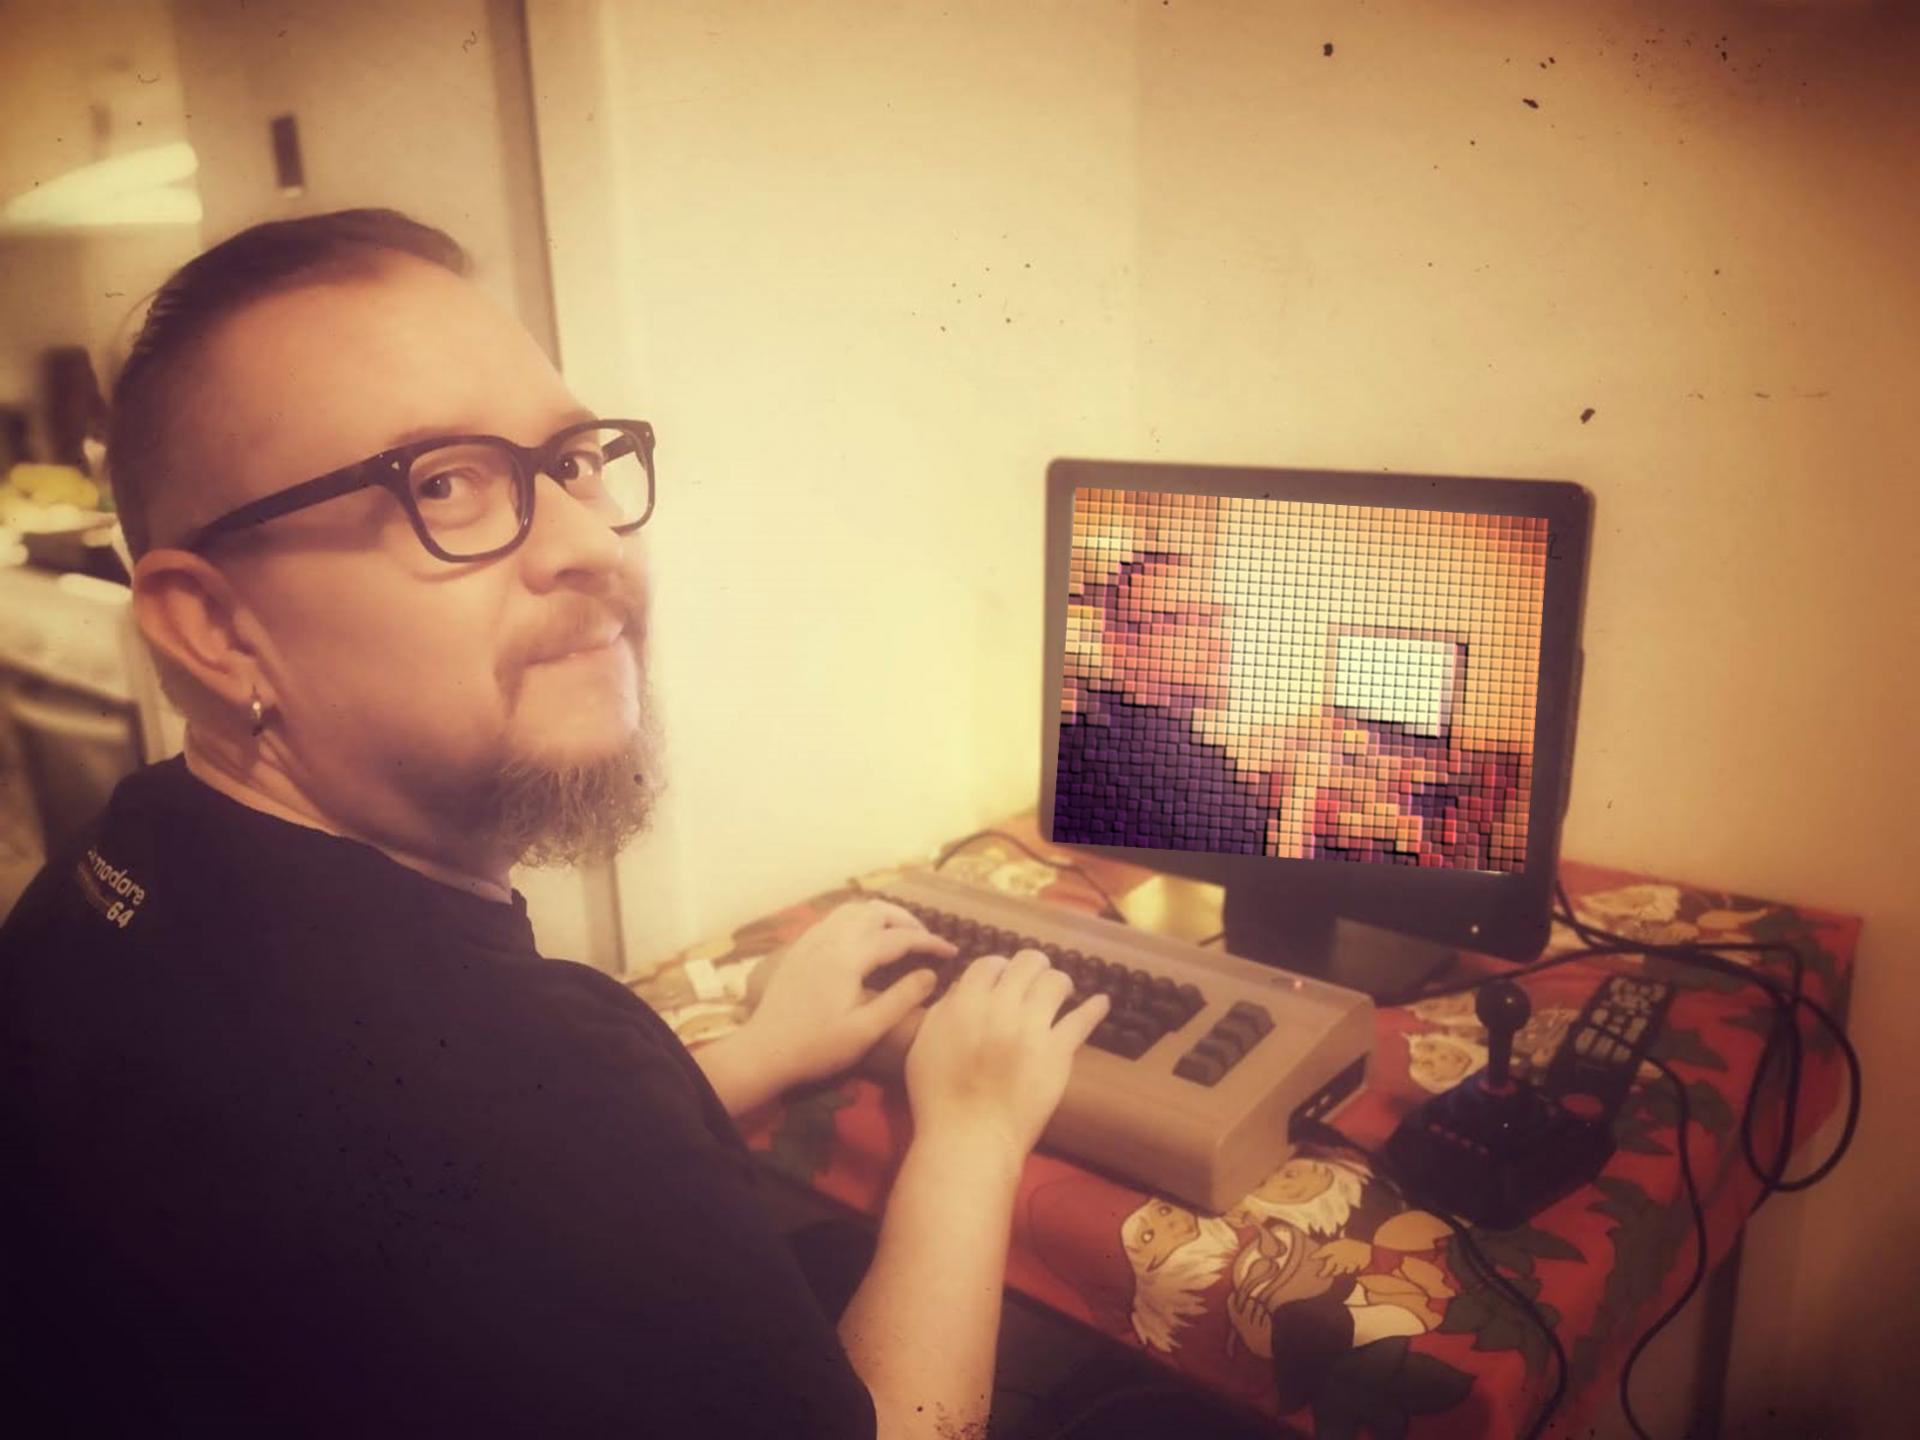 Hymyilevä silmälasipäinen parrakas mies istuu tietokoneen ääressä sormet näppäimistöllä.